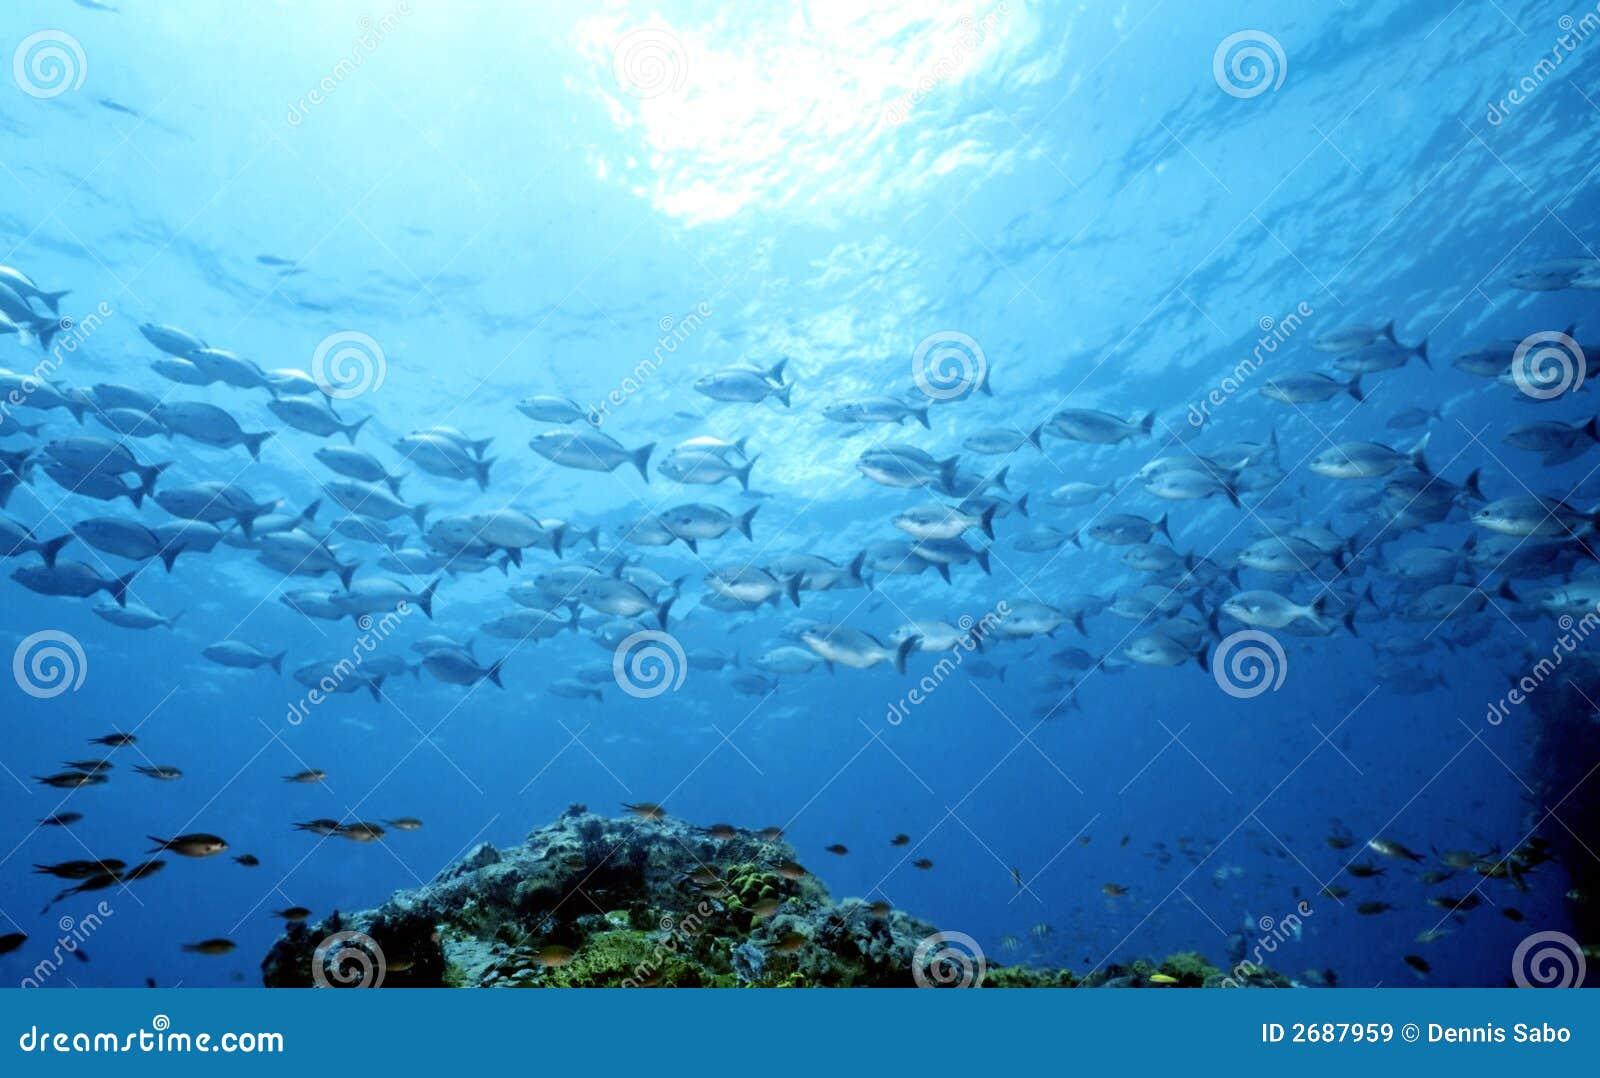 Mother Ocean Part 1